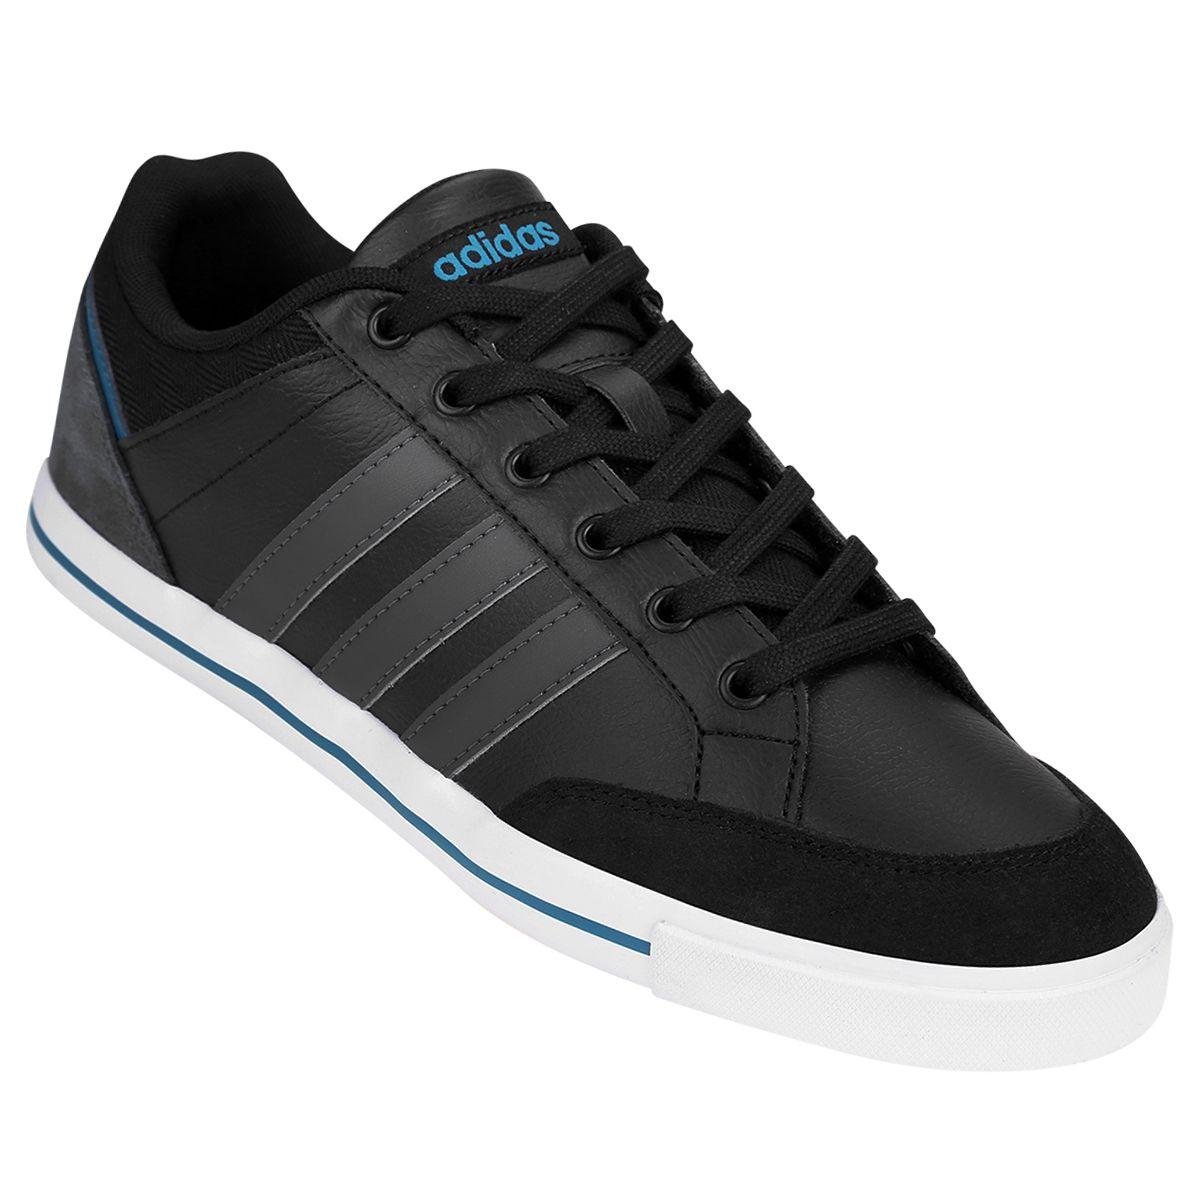 Zapatillas NegroNetshoes Cacity NegroNetshoes Adidas Adidas Cacity Zapatillas y6vfYb7g